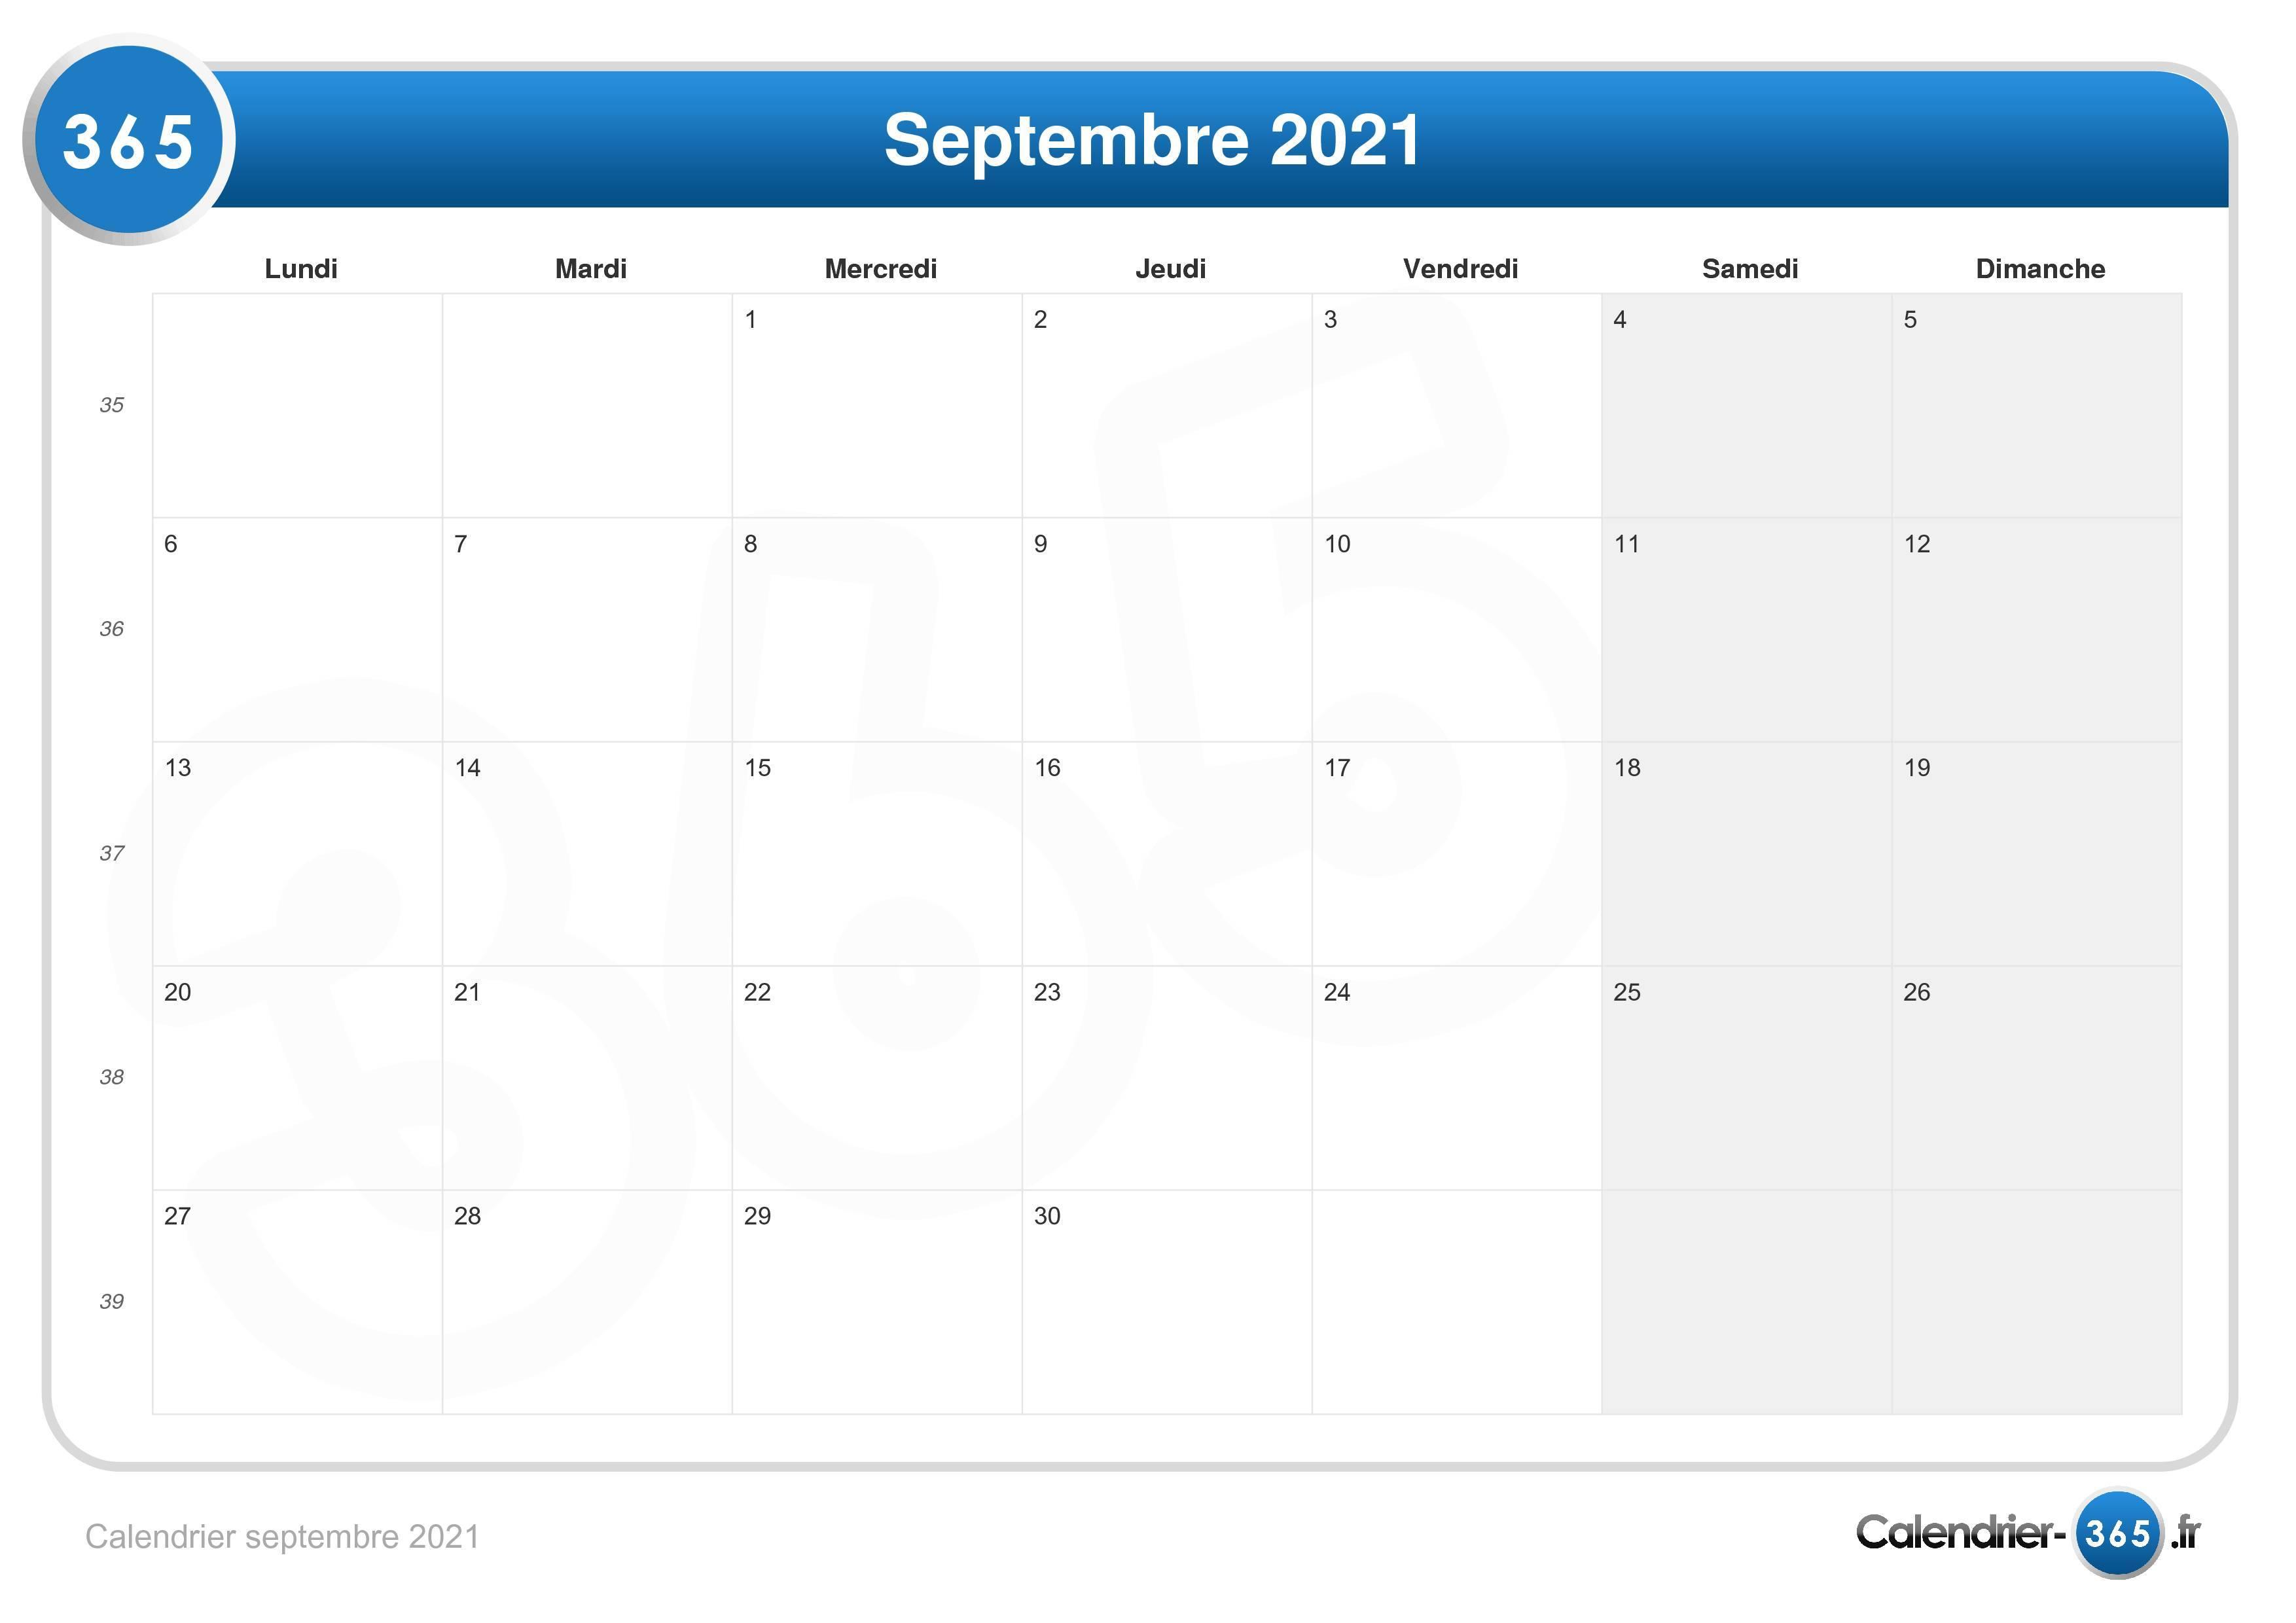 Septembre 2021 Calendrier Calendrier septembre 2021